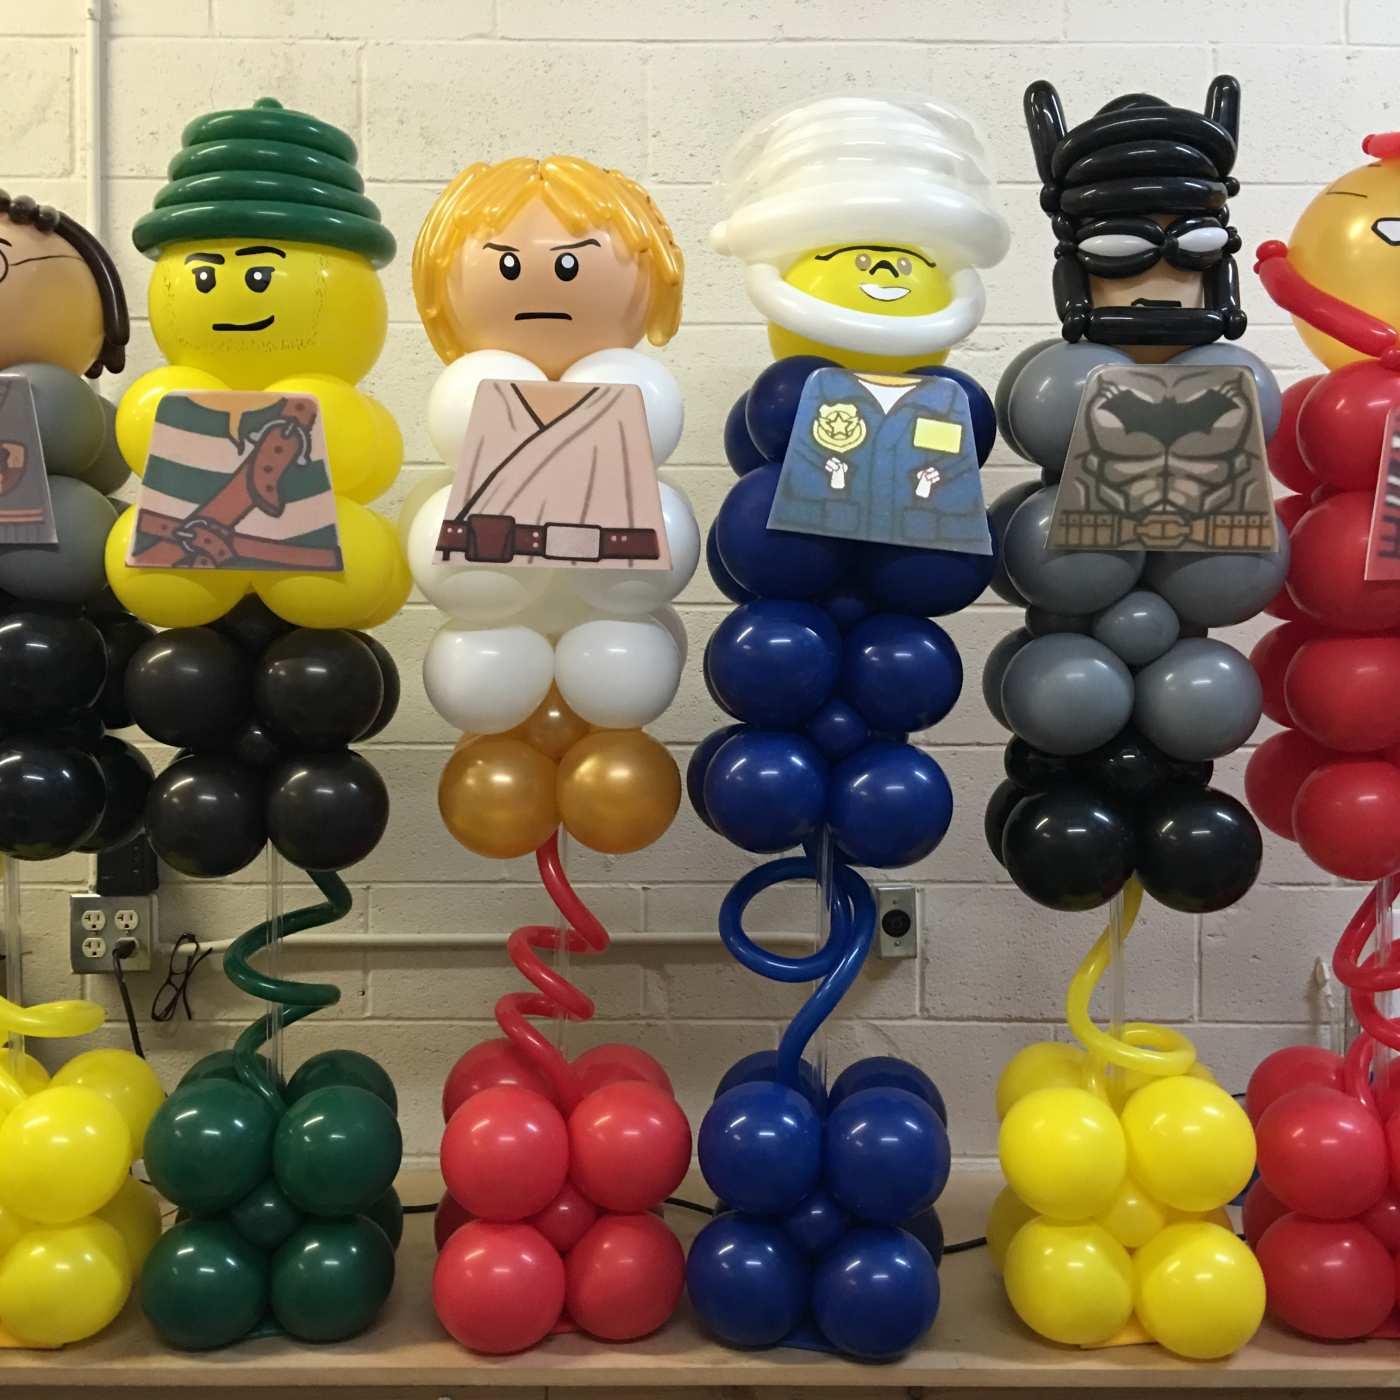 Lego Barmitzvah balloon centerpieces